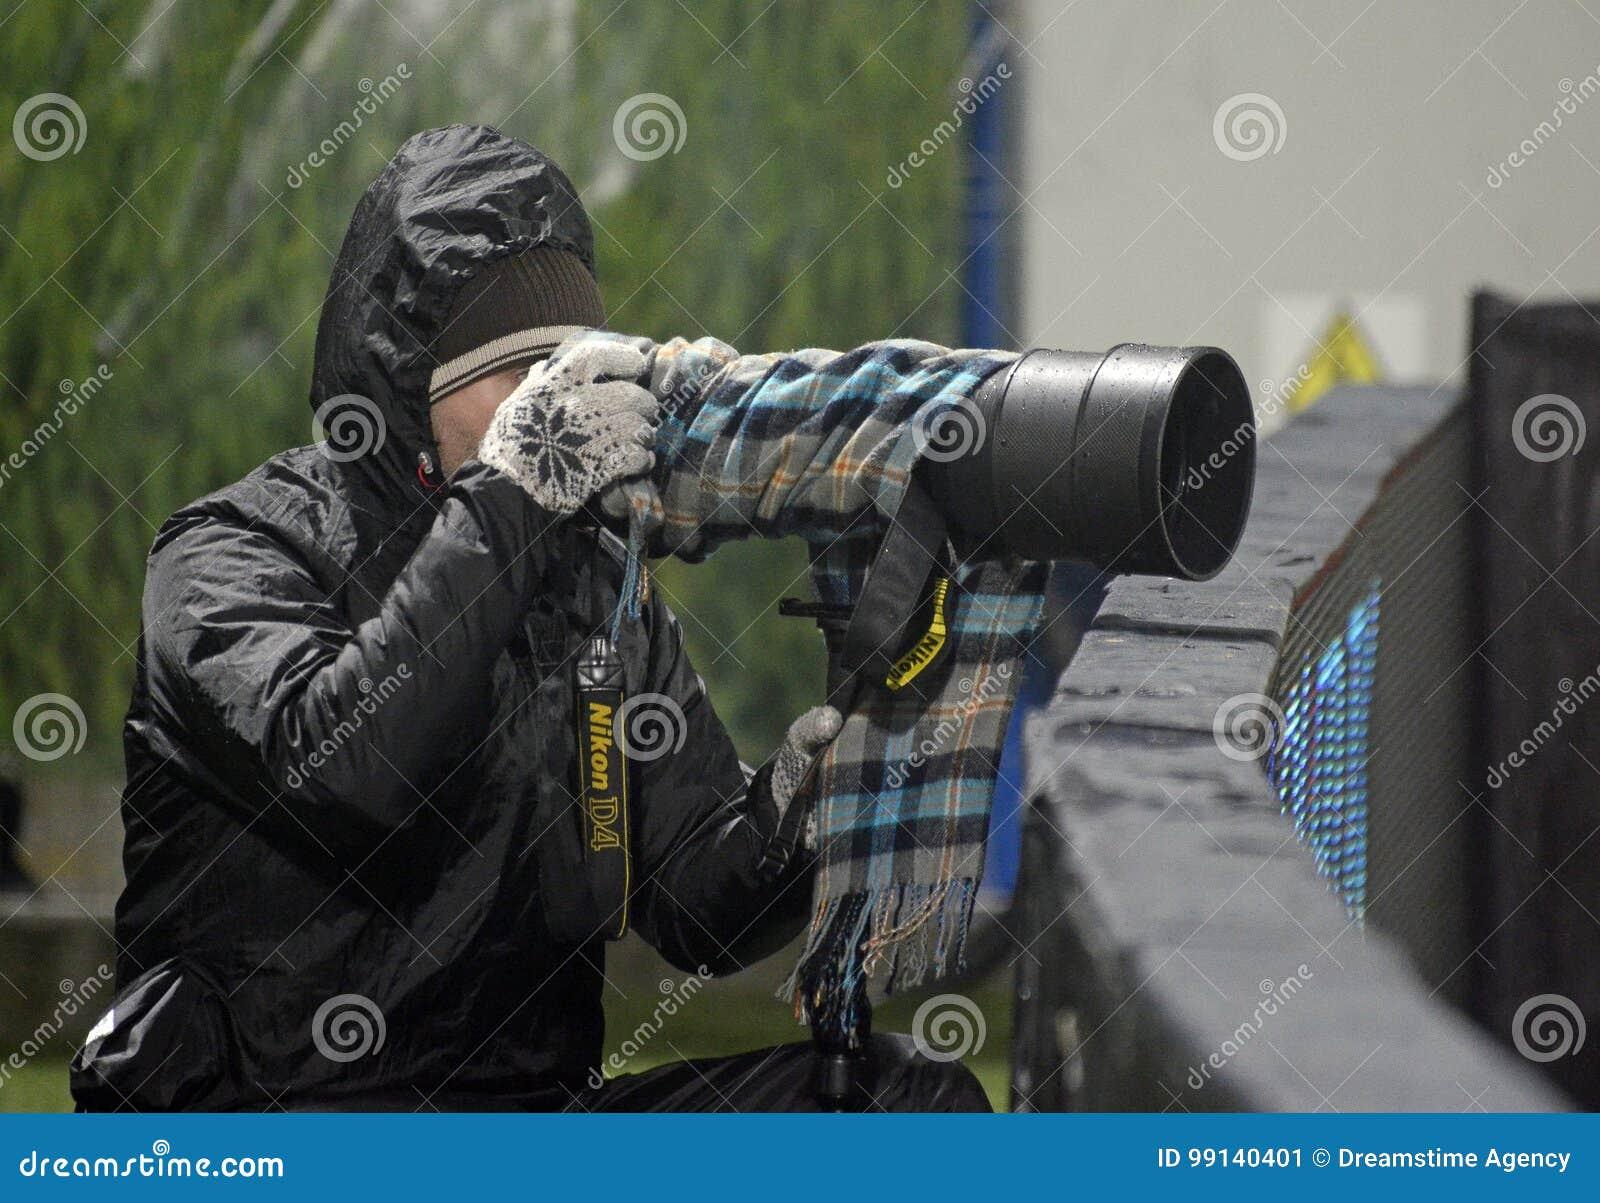 Trabajo del periodista fotográfico en malas condiciones atmosféricas